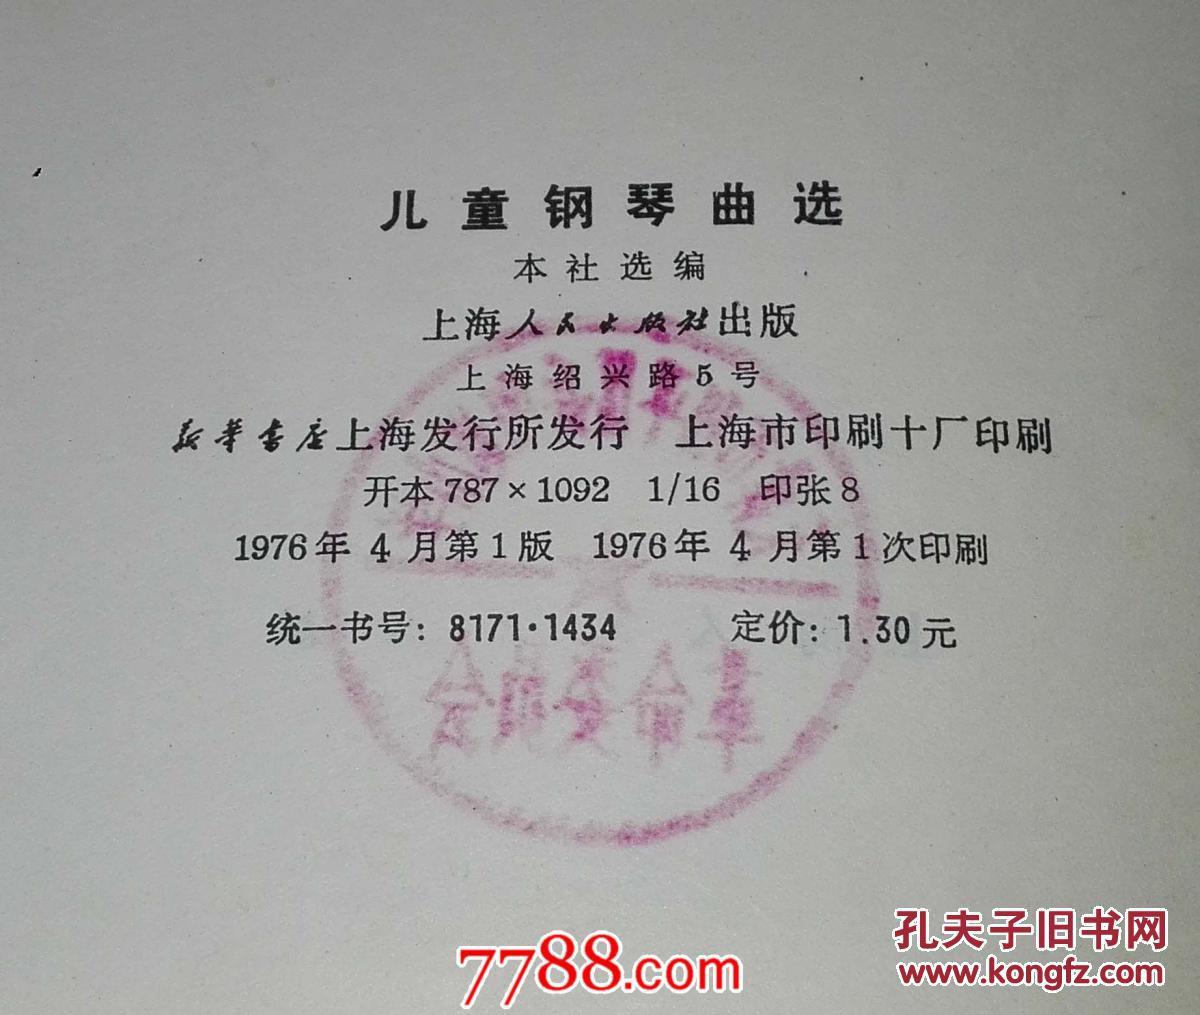 儿童钢琴曲选:五线谱(东方红,三大纪律八项注意,大海航行靠舵手等文革图片